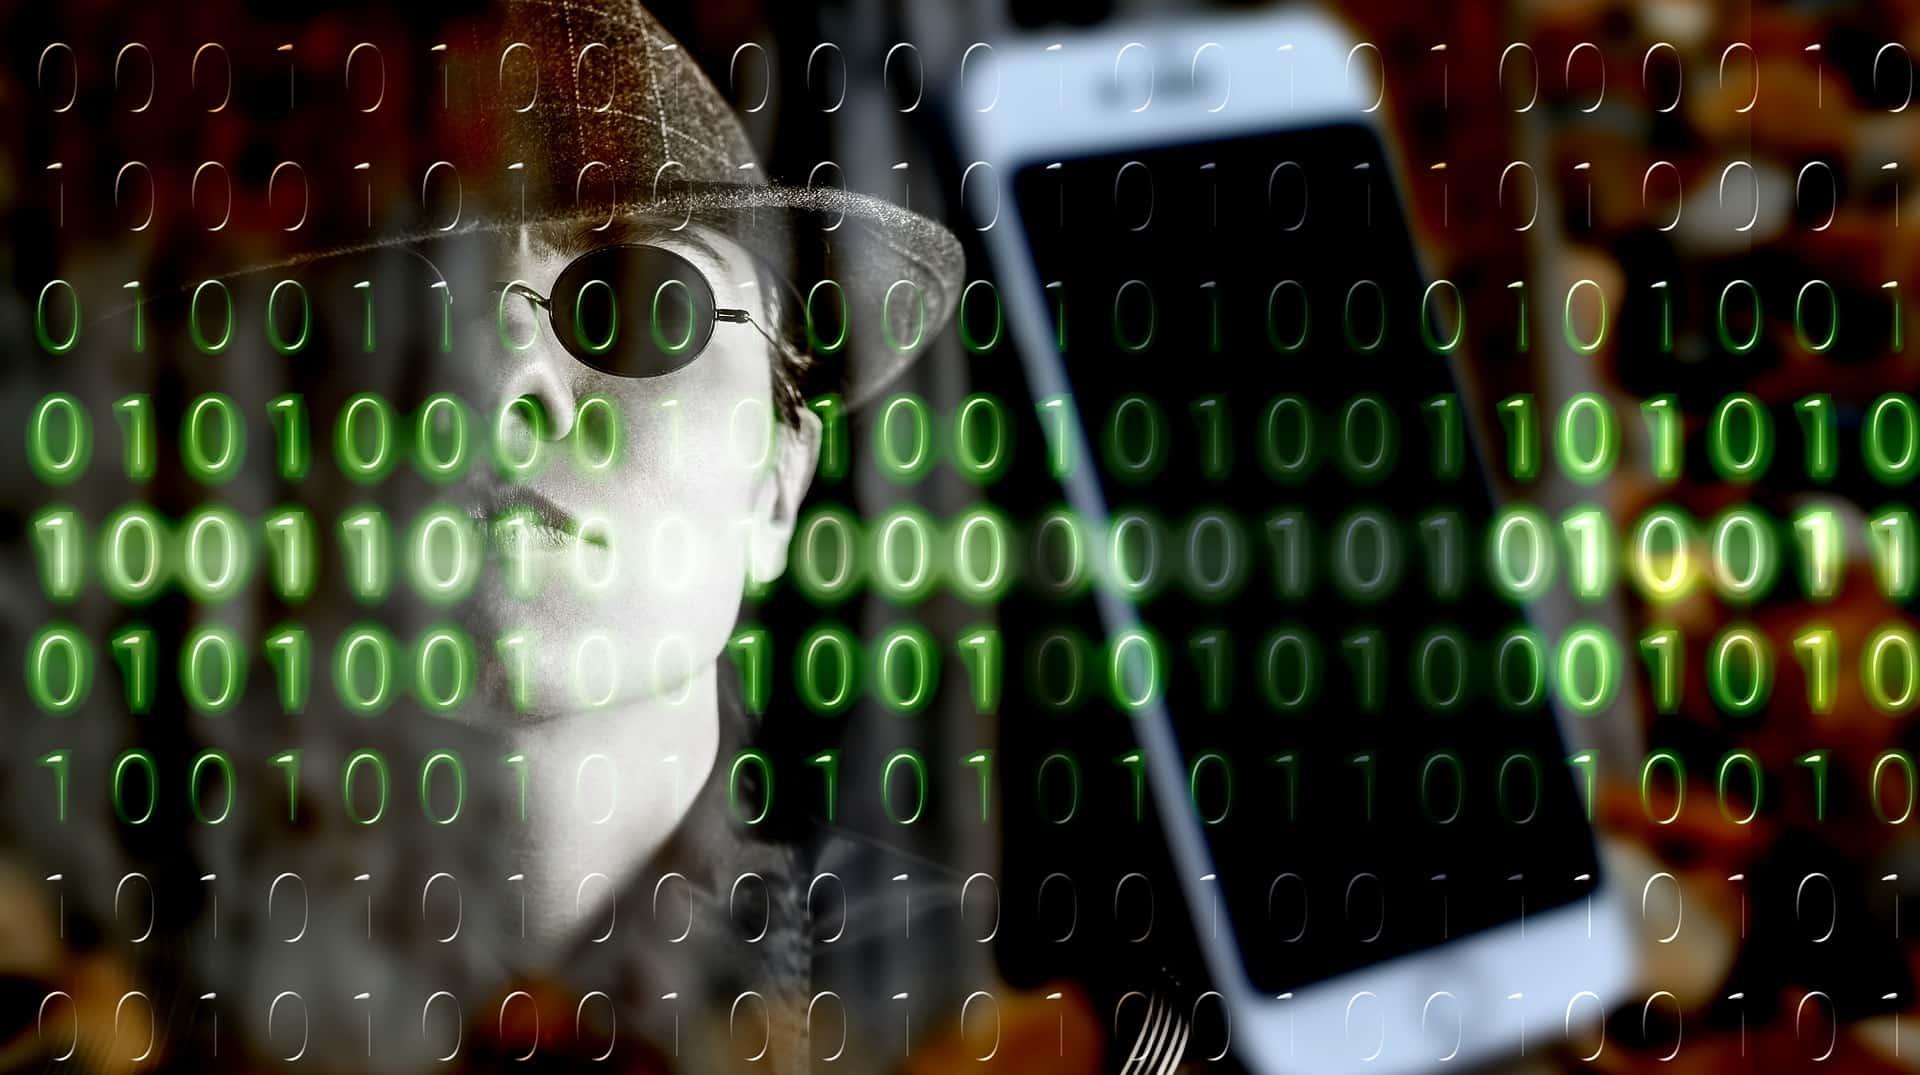 Der gefährlichste Cyberangriff in der amerikanischen Geschichte